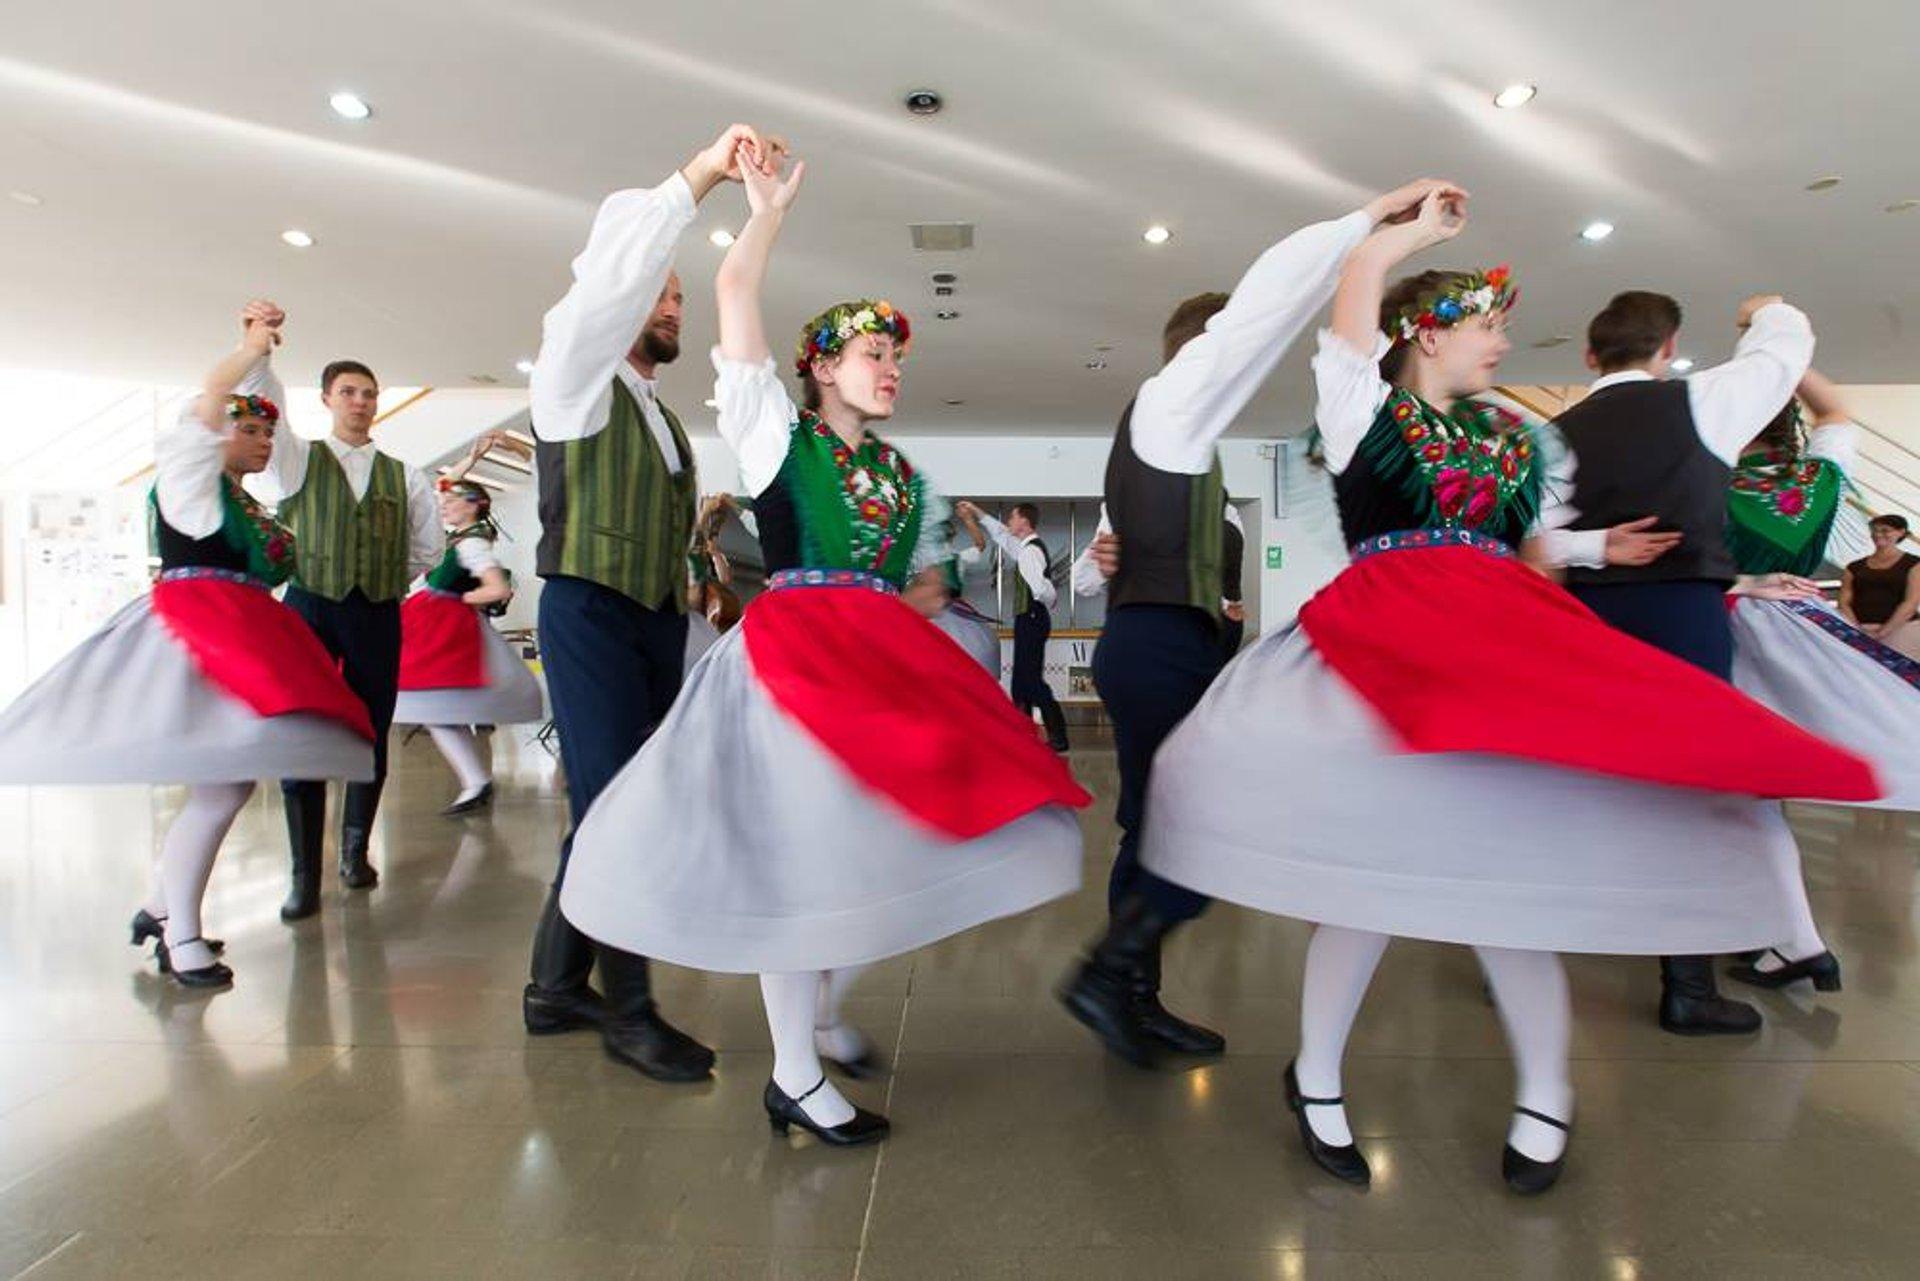 Festival Bled in Slovenia 2019 - Best Time